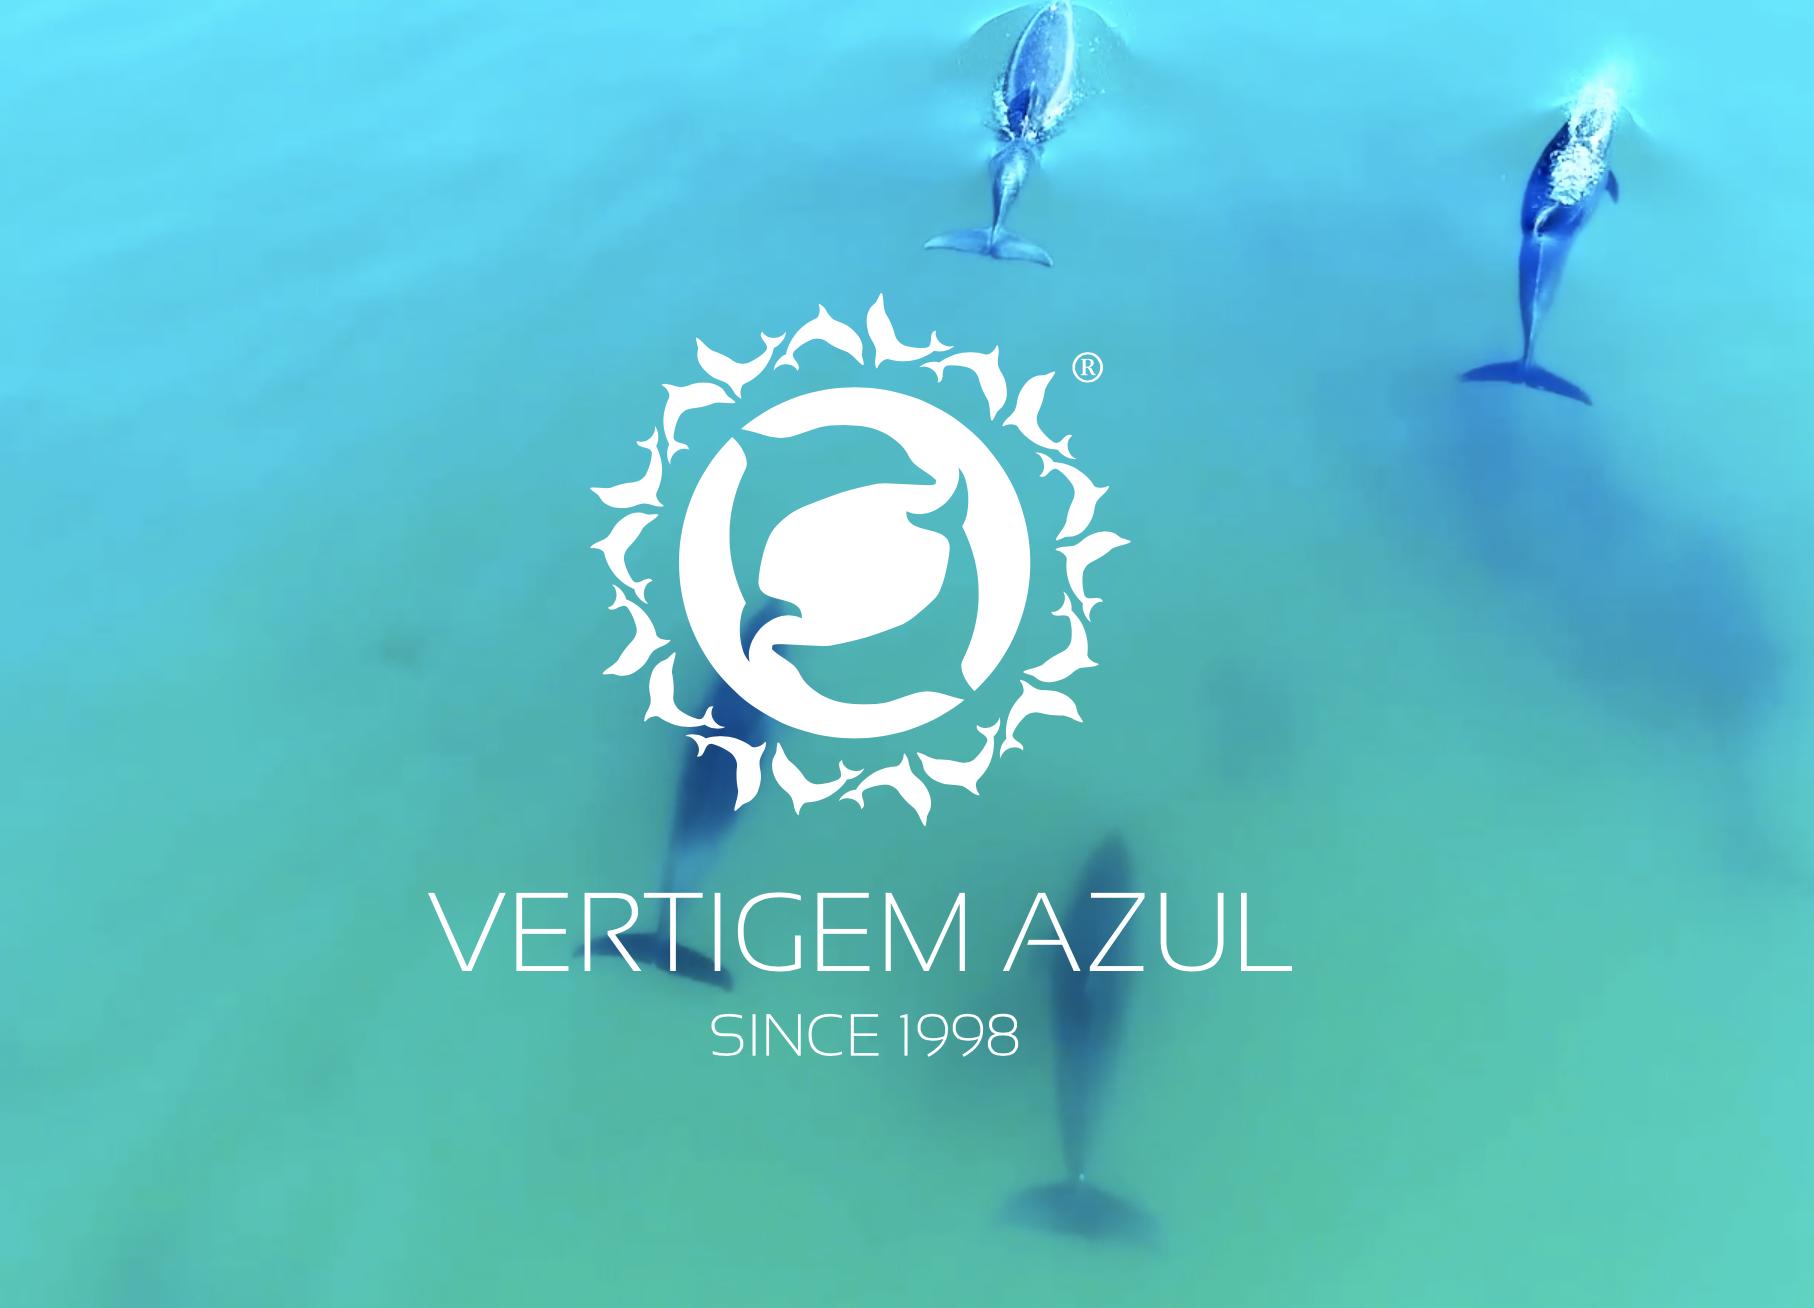 Delfiny w Lizbonie Wycieczki Rejsy Oglądanie Pokazy Delfinarium Delfin Lizbona Algarve Nazare Cena Polski Przewodnik po Lizbonie Portugalia Możliwości Gdzie Oglądać